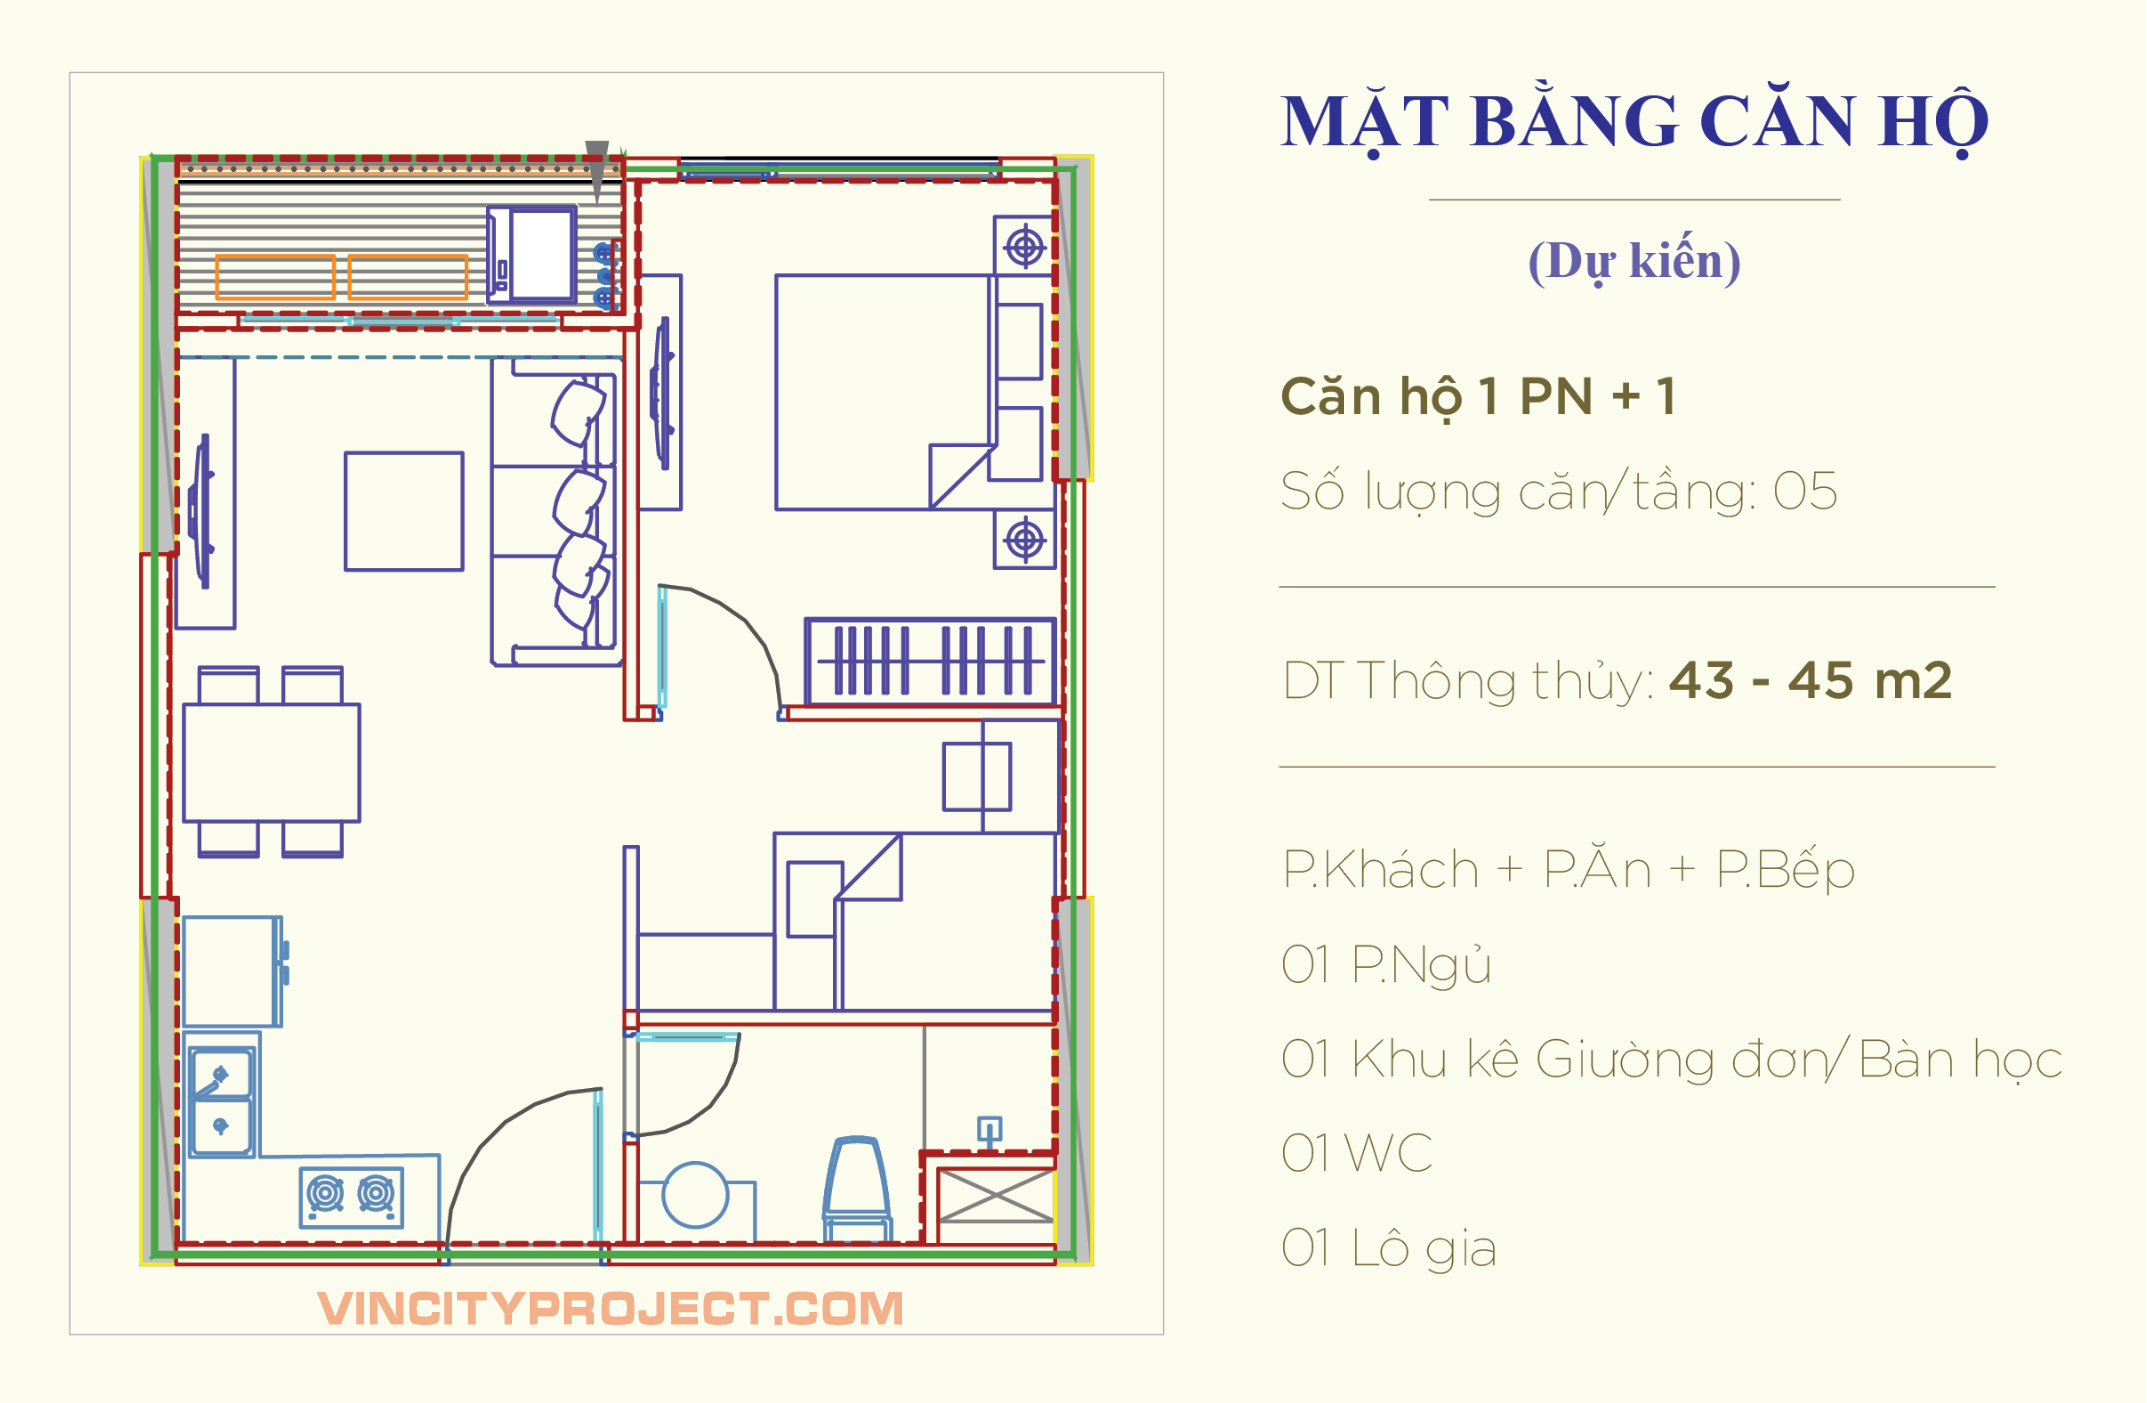 Layout mặt bằng thiết kế Căn hộ 1 phòng ngủ + 1 - 1 WC ( phòng ngủ Riêng kèm theo không gian đặt bàn làm việc )